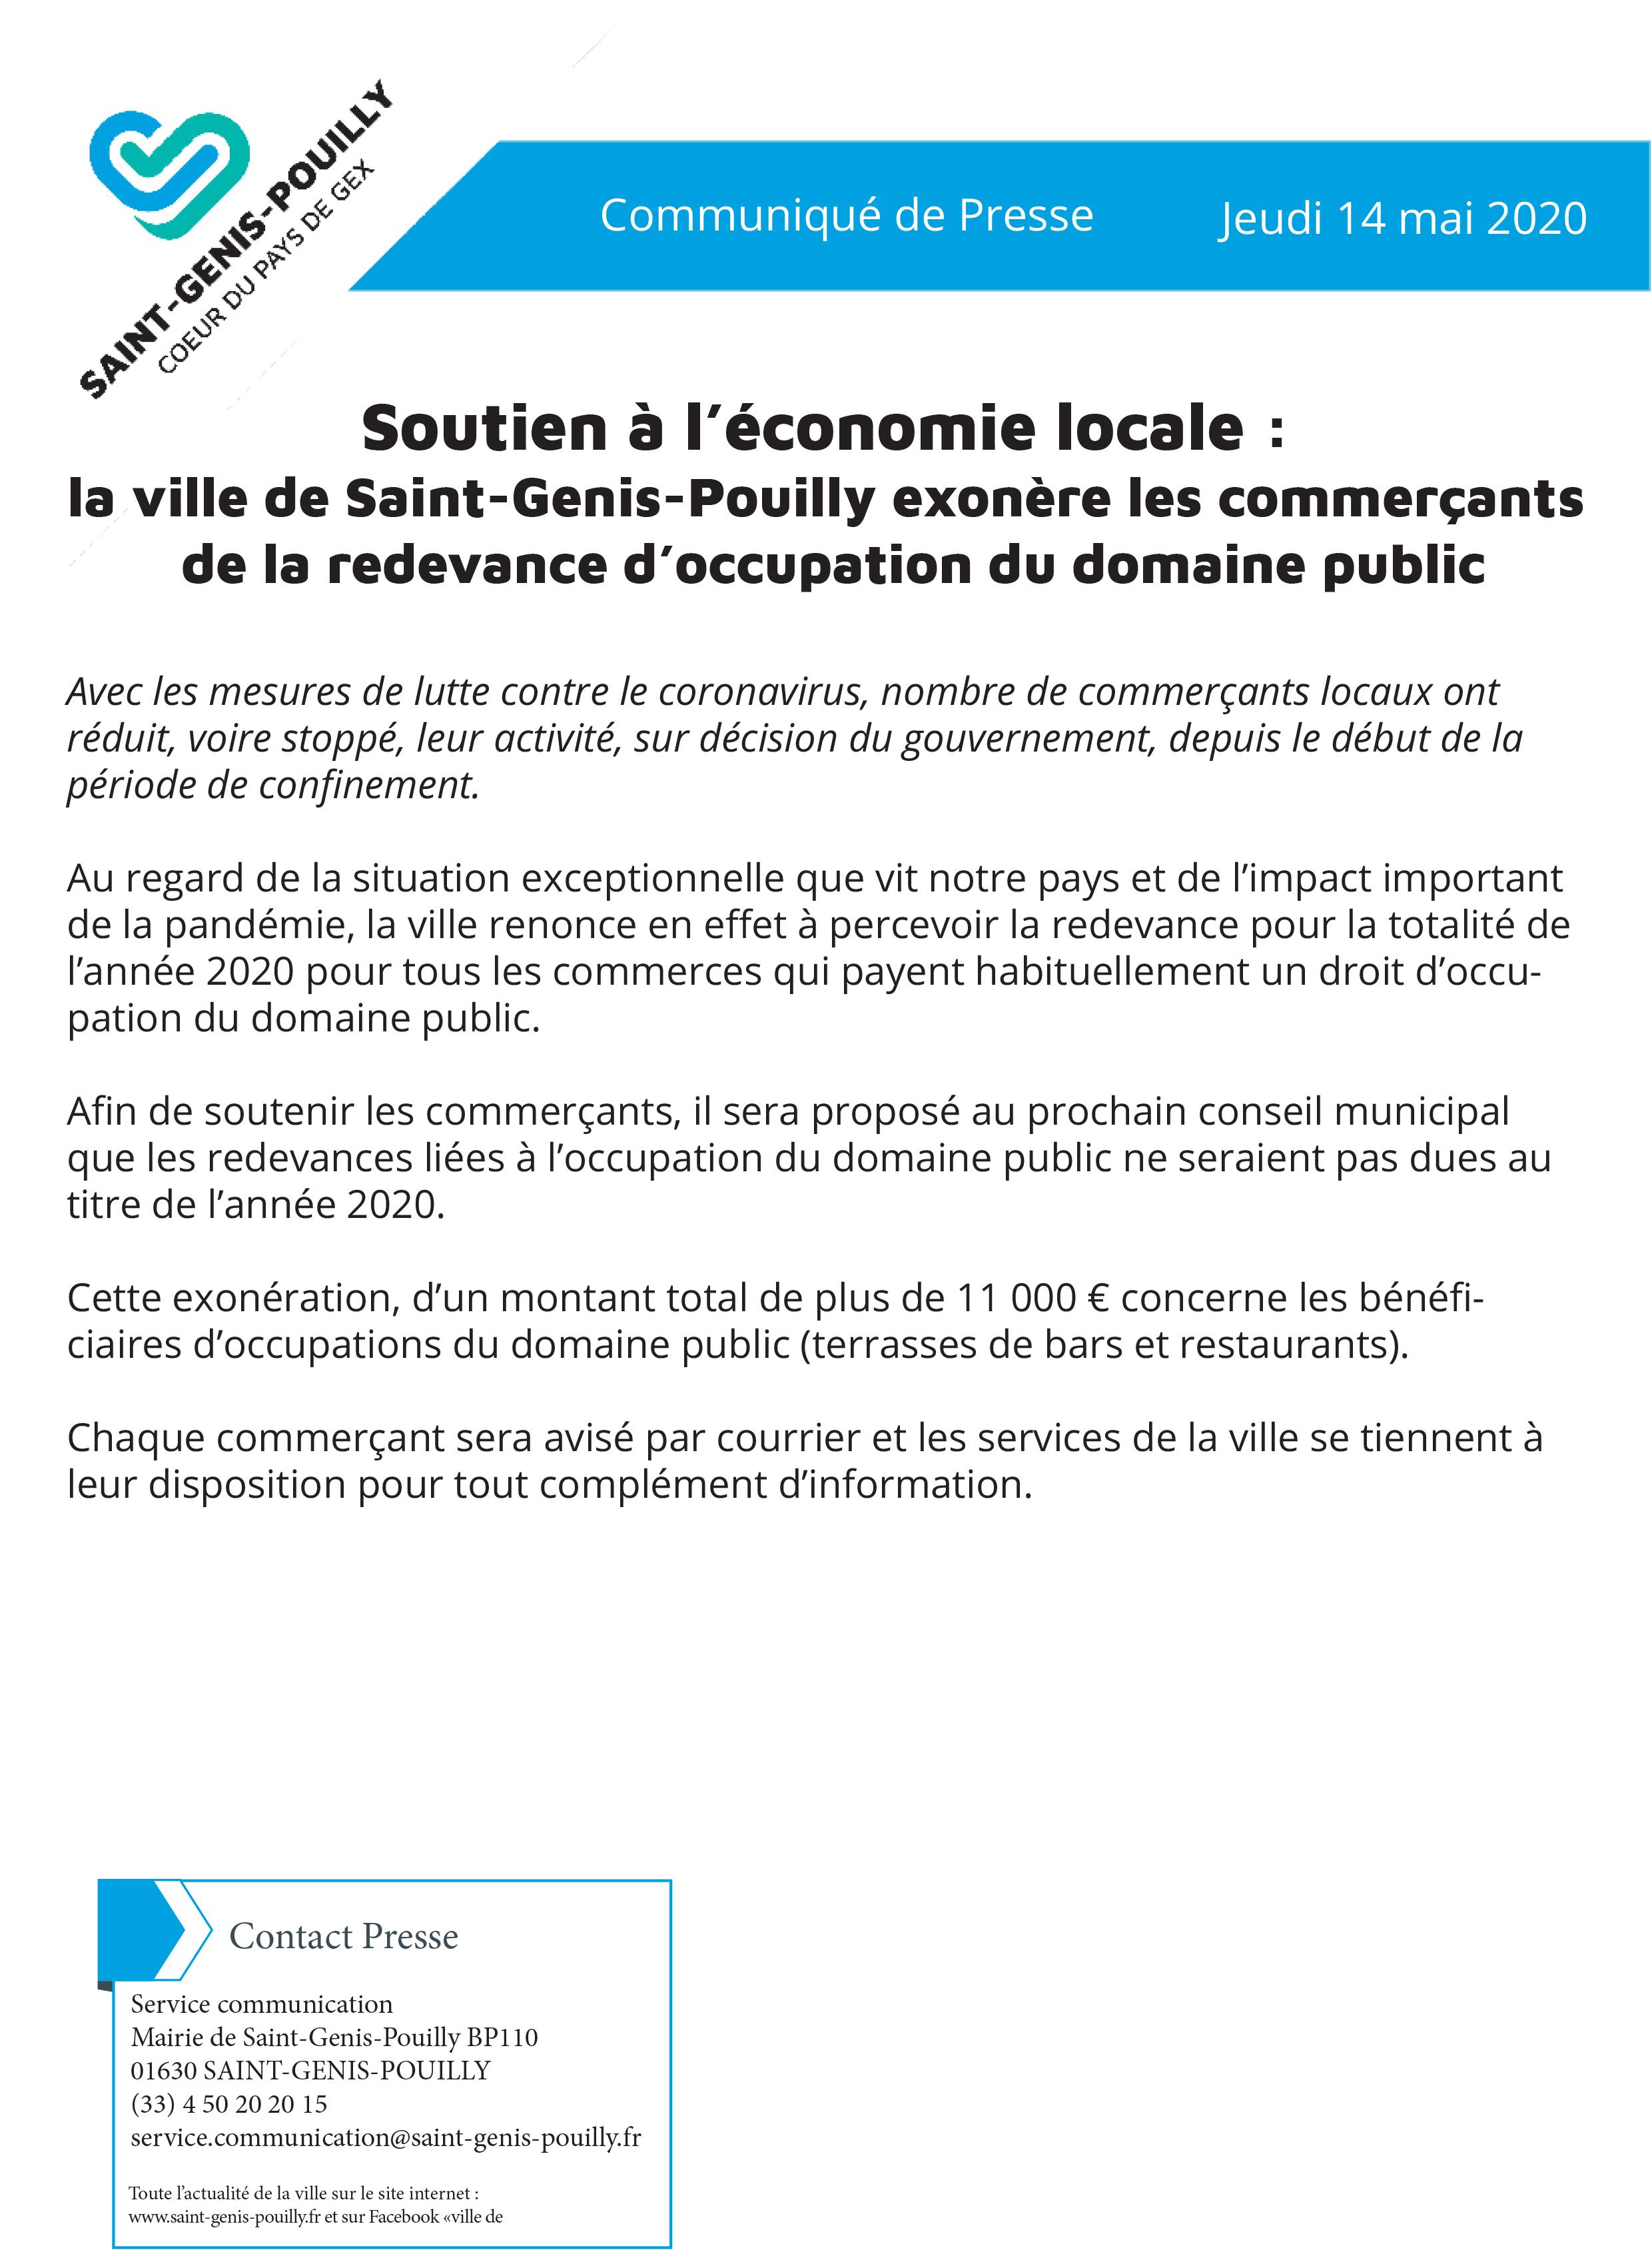 200514_cp_la_ville_de_saint-genis-pouilly_exonere_les_commercants_de_la_redevance_doccupation_du_domaine_public.jpg